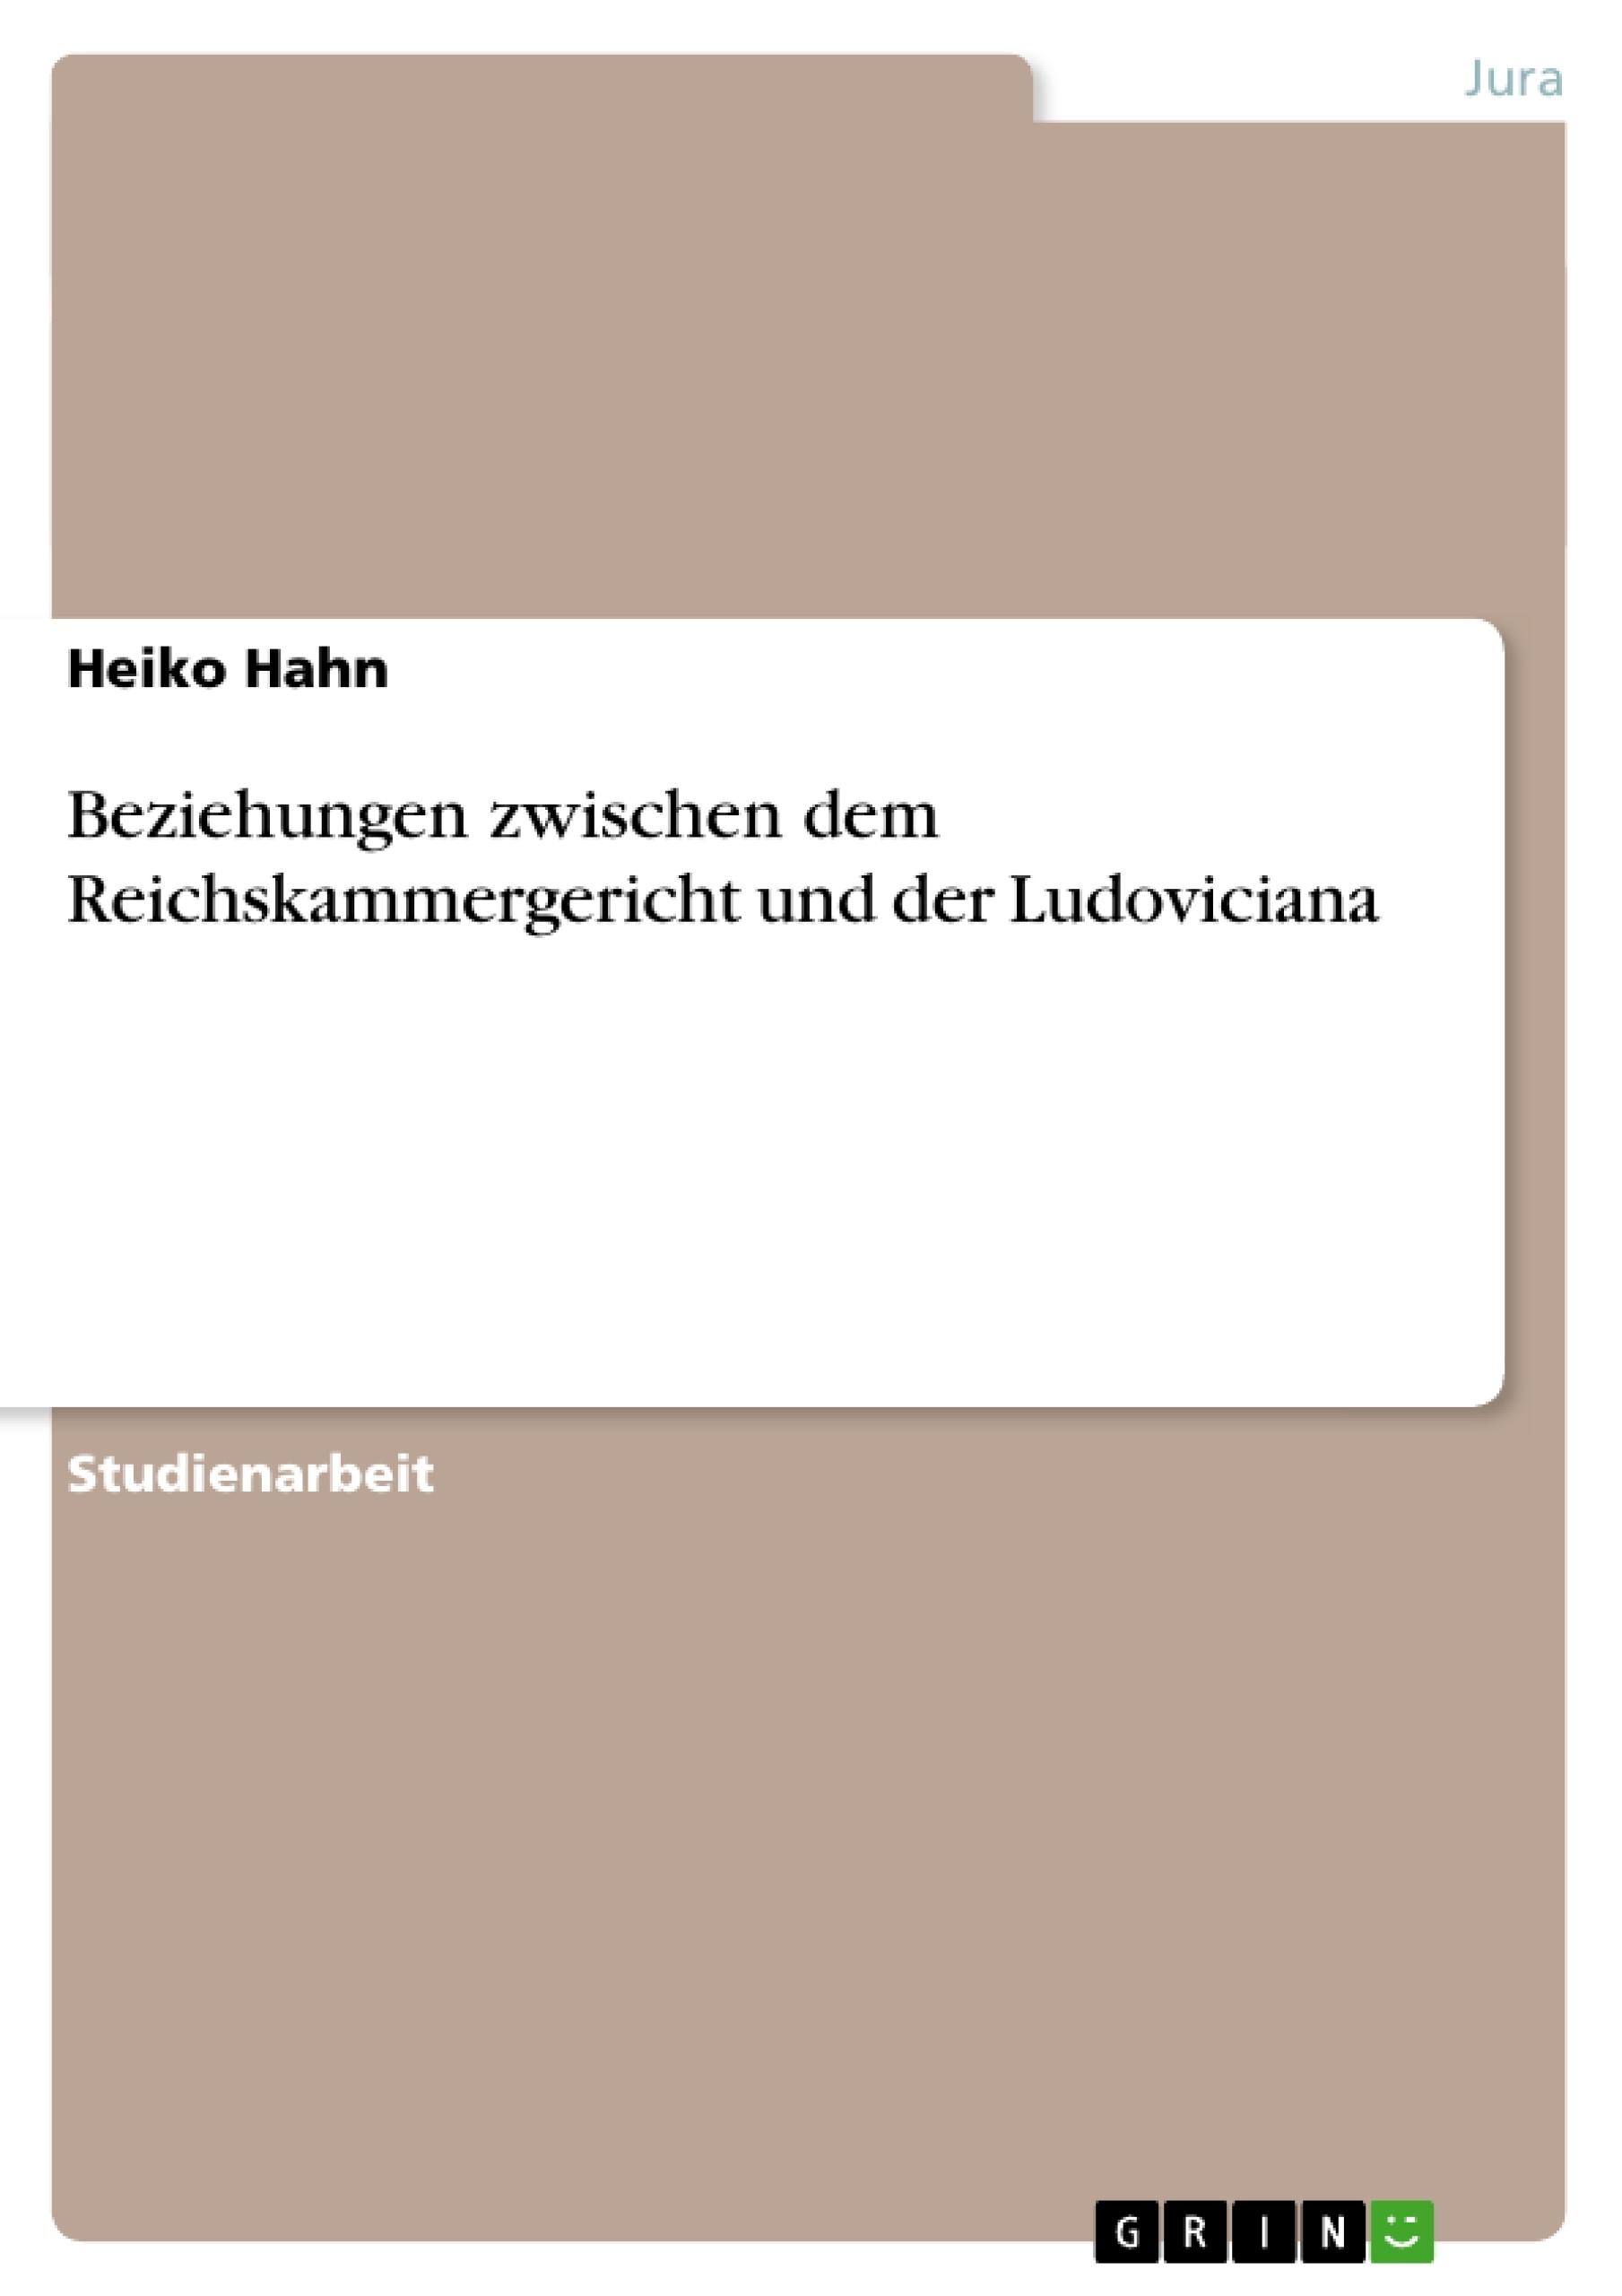 Titel: Beziehungen zwischen dem Reichskammergericht und der Ludoviciana